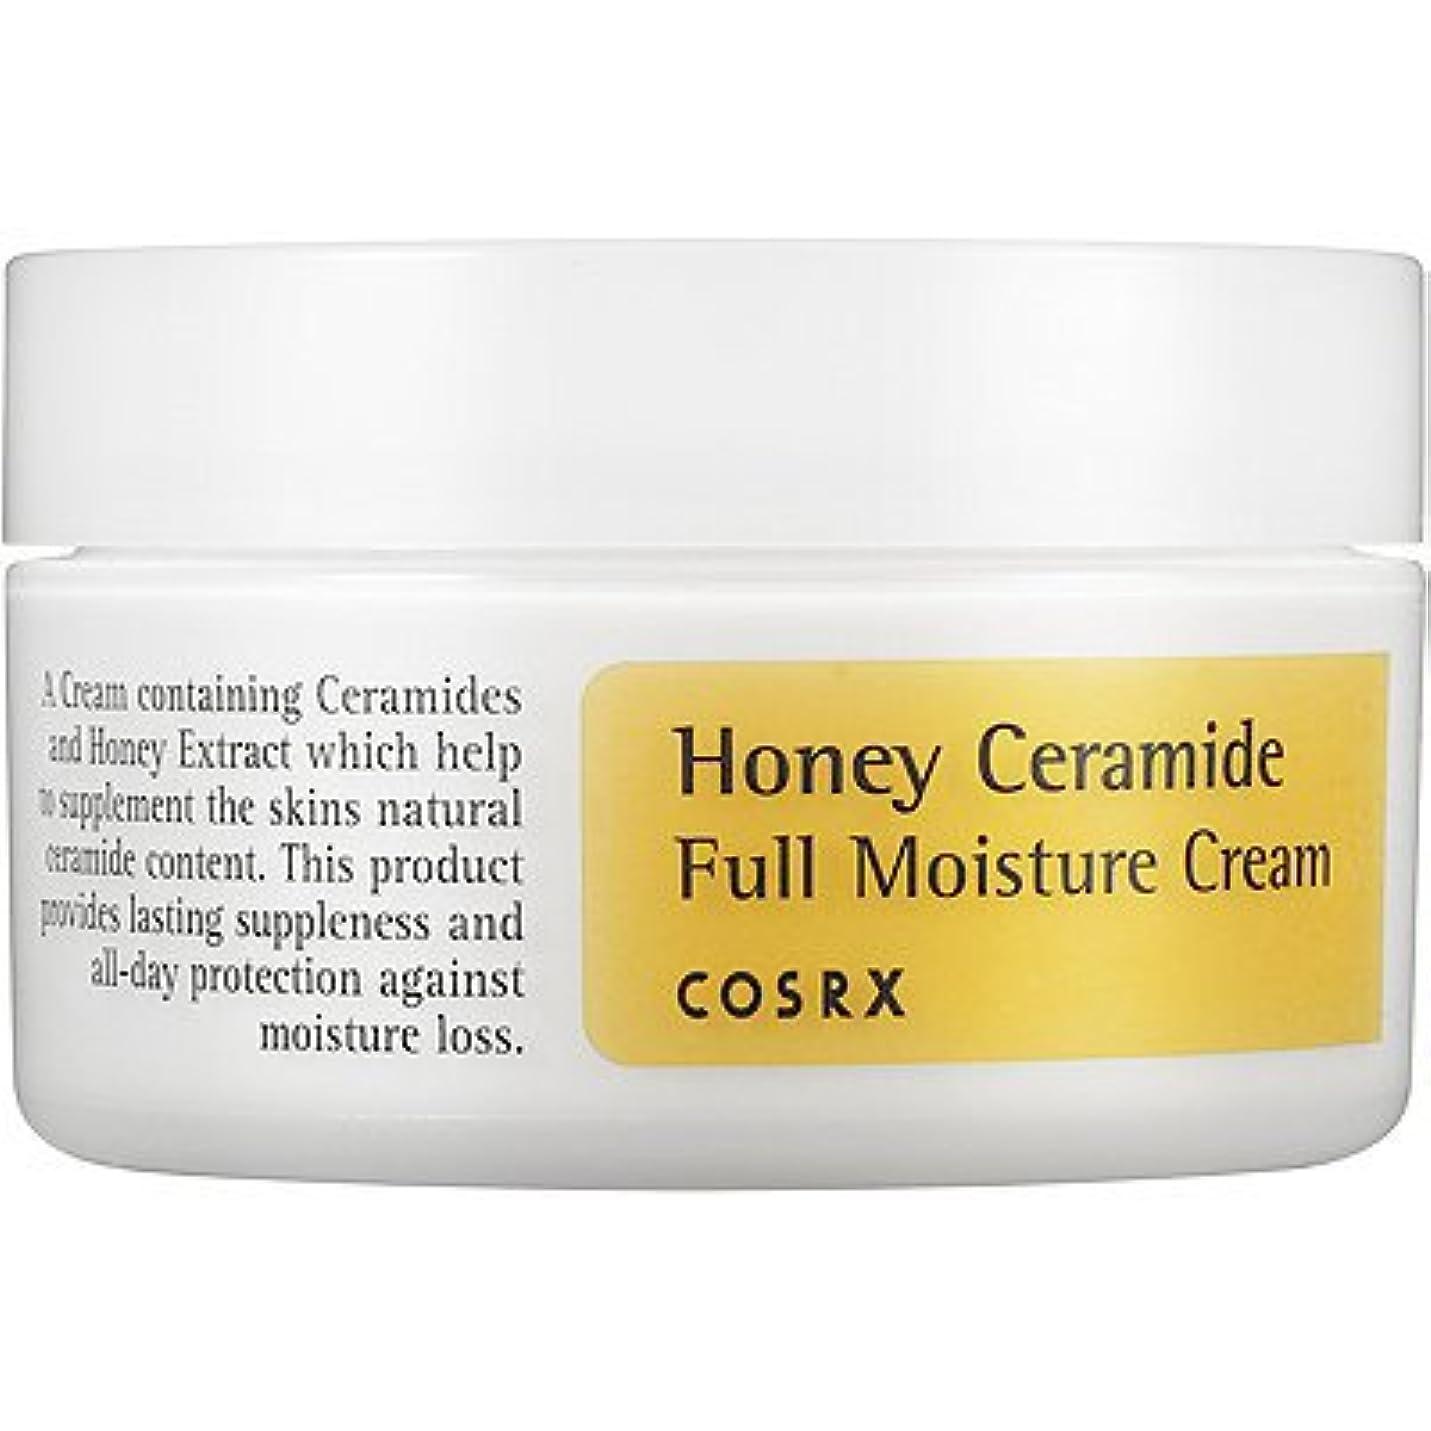 火オーバーフロー不純COSRX Honey Ceramide Full Moisture Cream 50g/ハニーセラミド フル モイスチャークリーム -50g [並行輸入品]